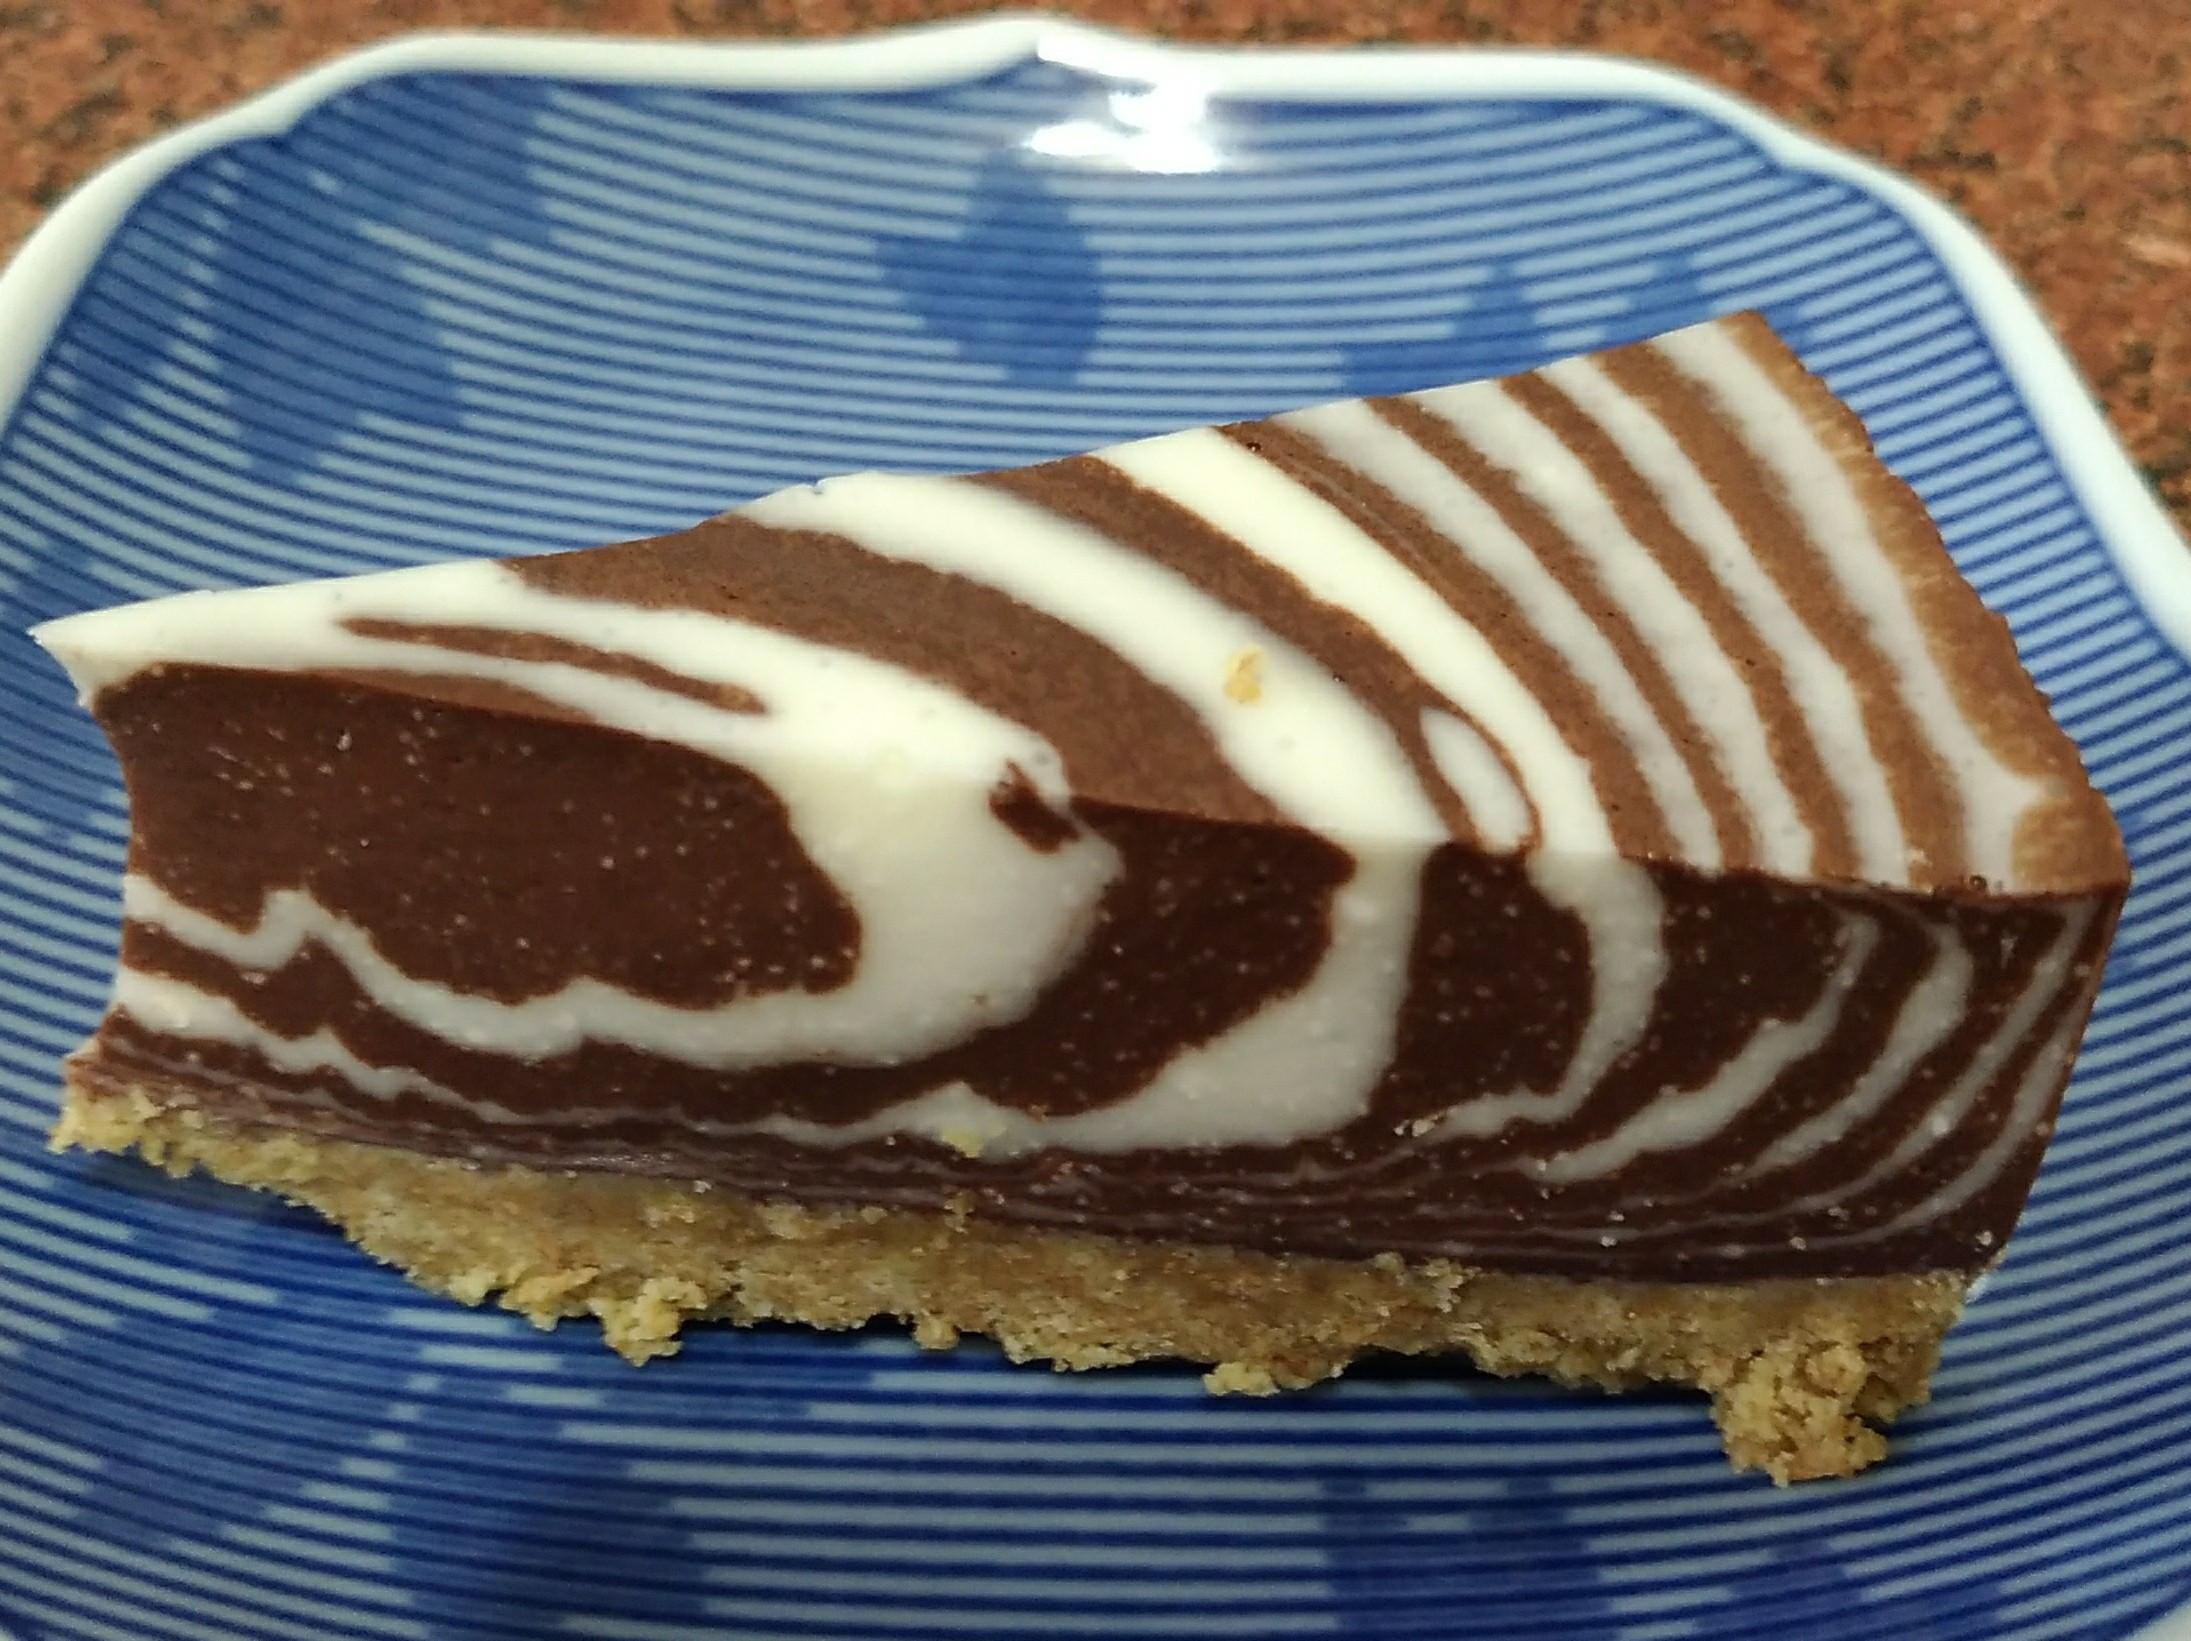 🎂斑馬紋巧克力乳酪蛋糕(鮮奶版)🎂